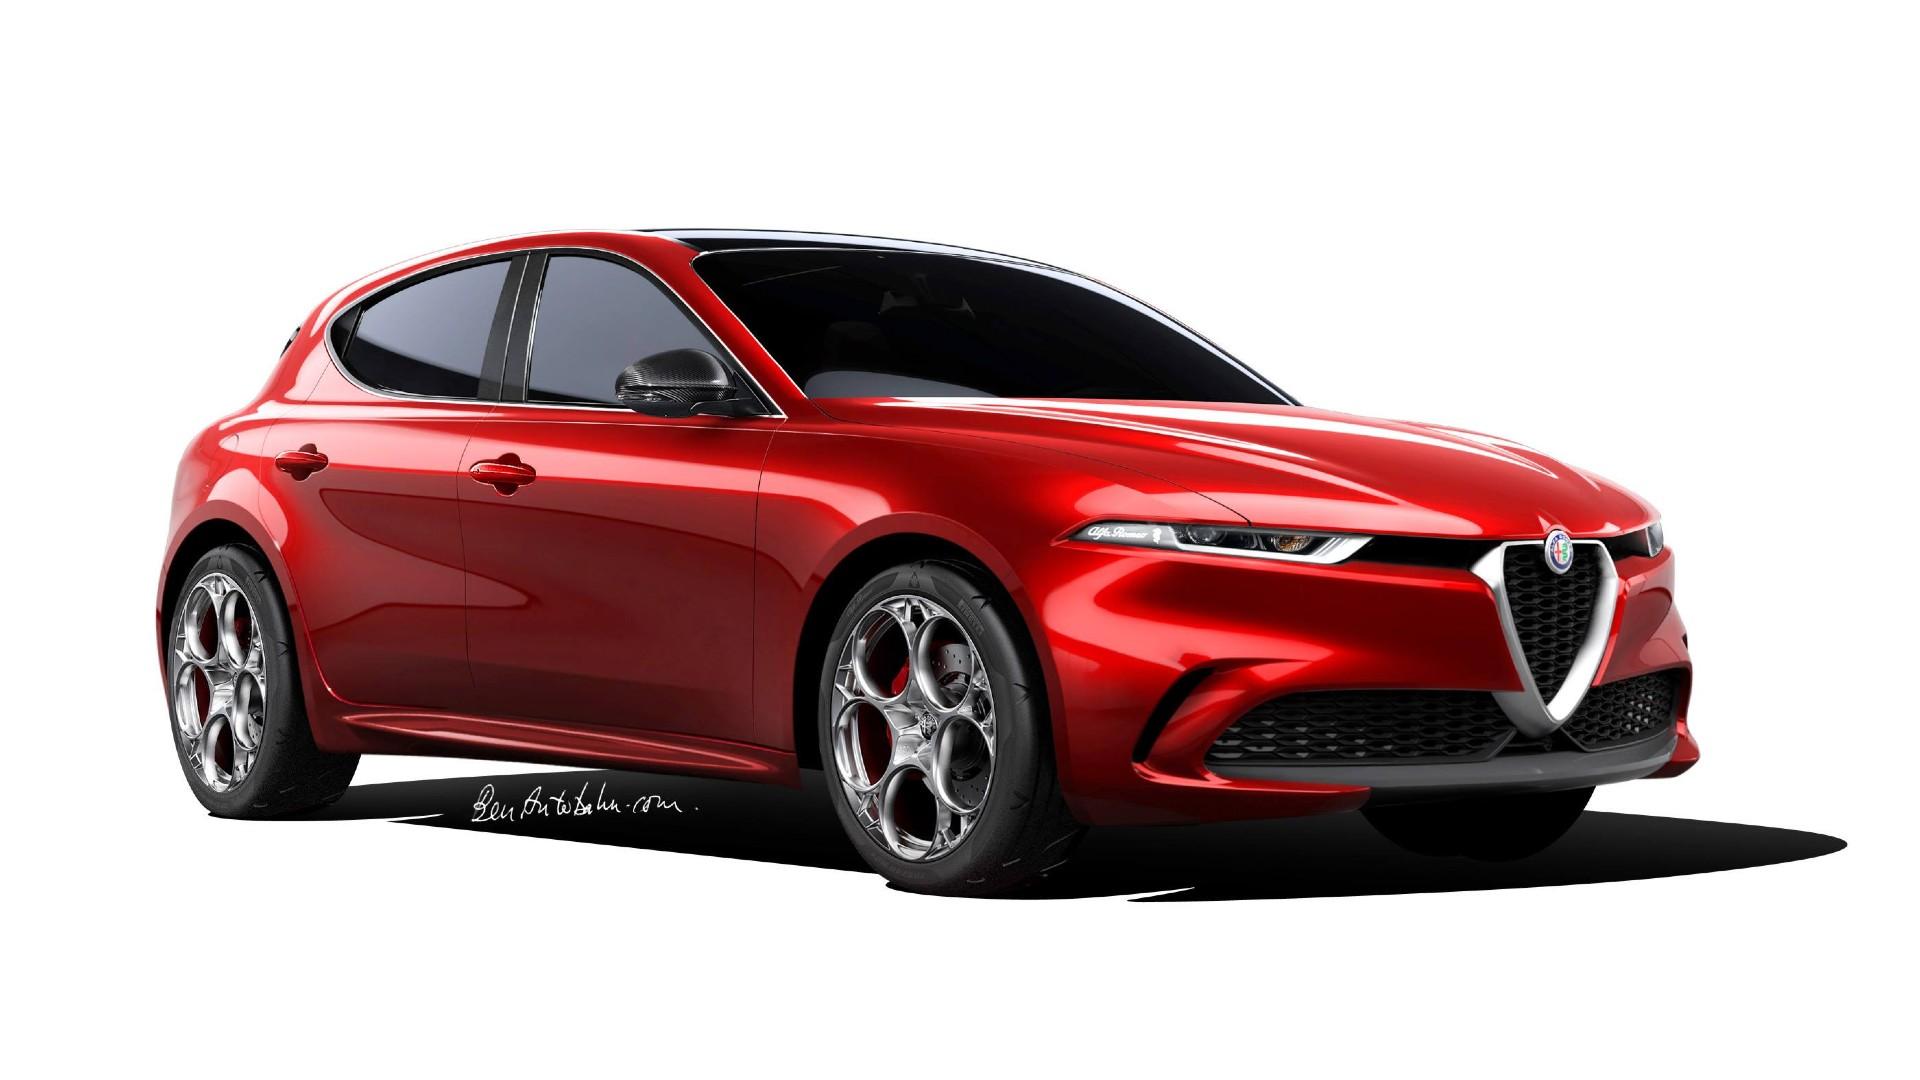 Θα δούμε διάδοχο της Alfa Romeo Giulietta;